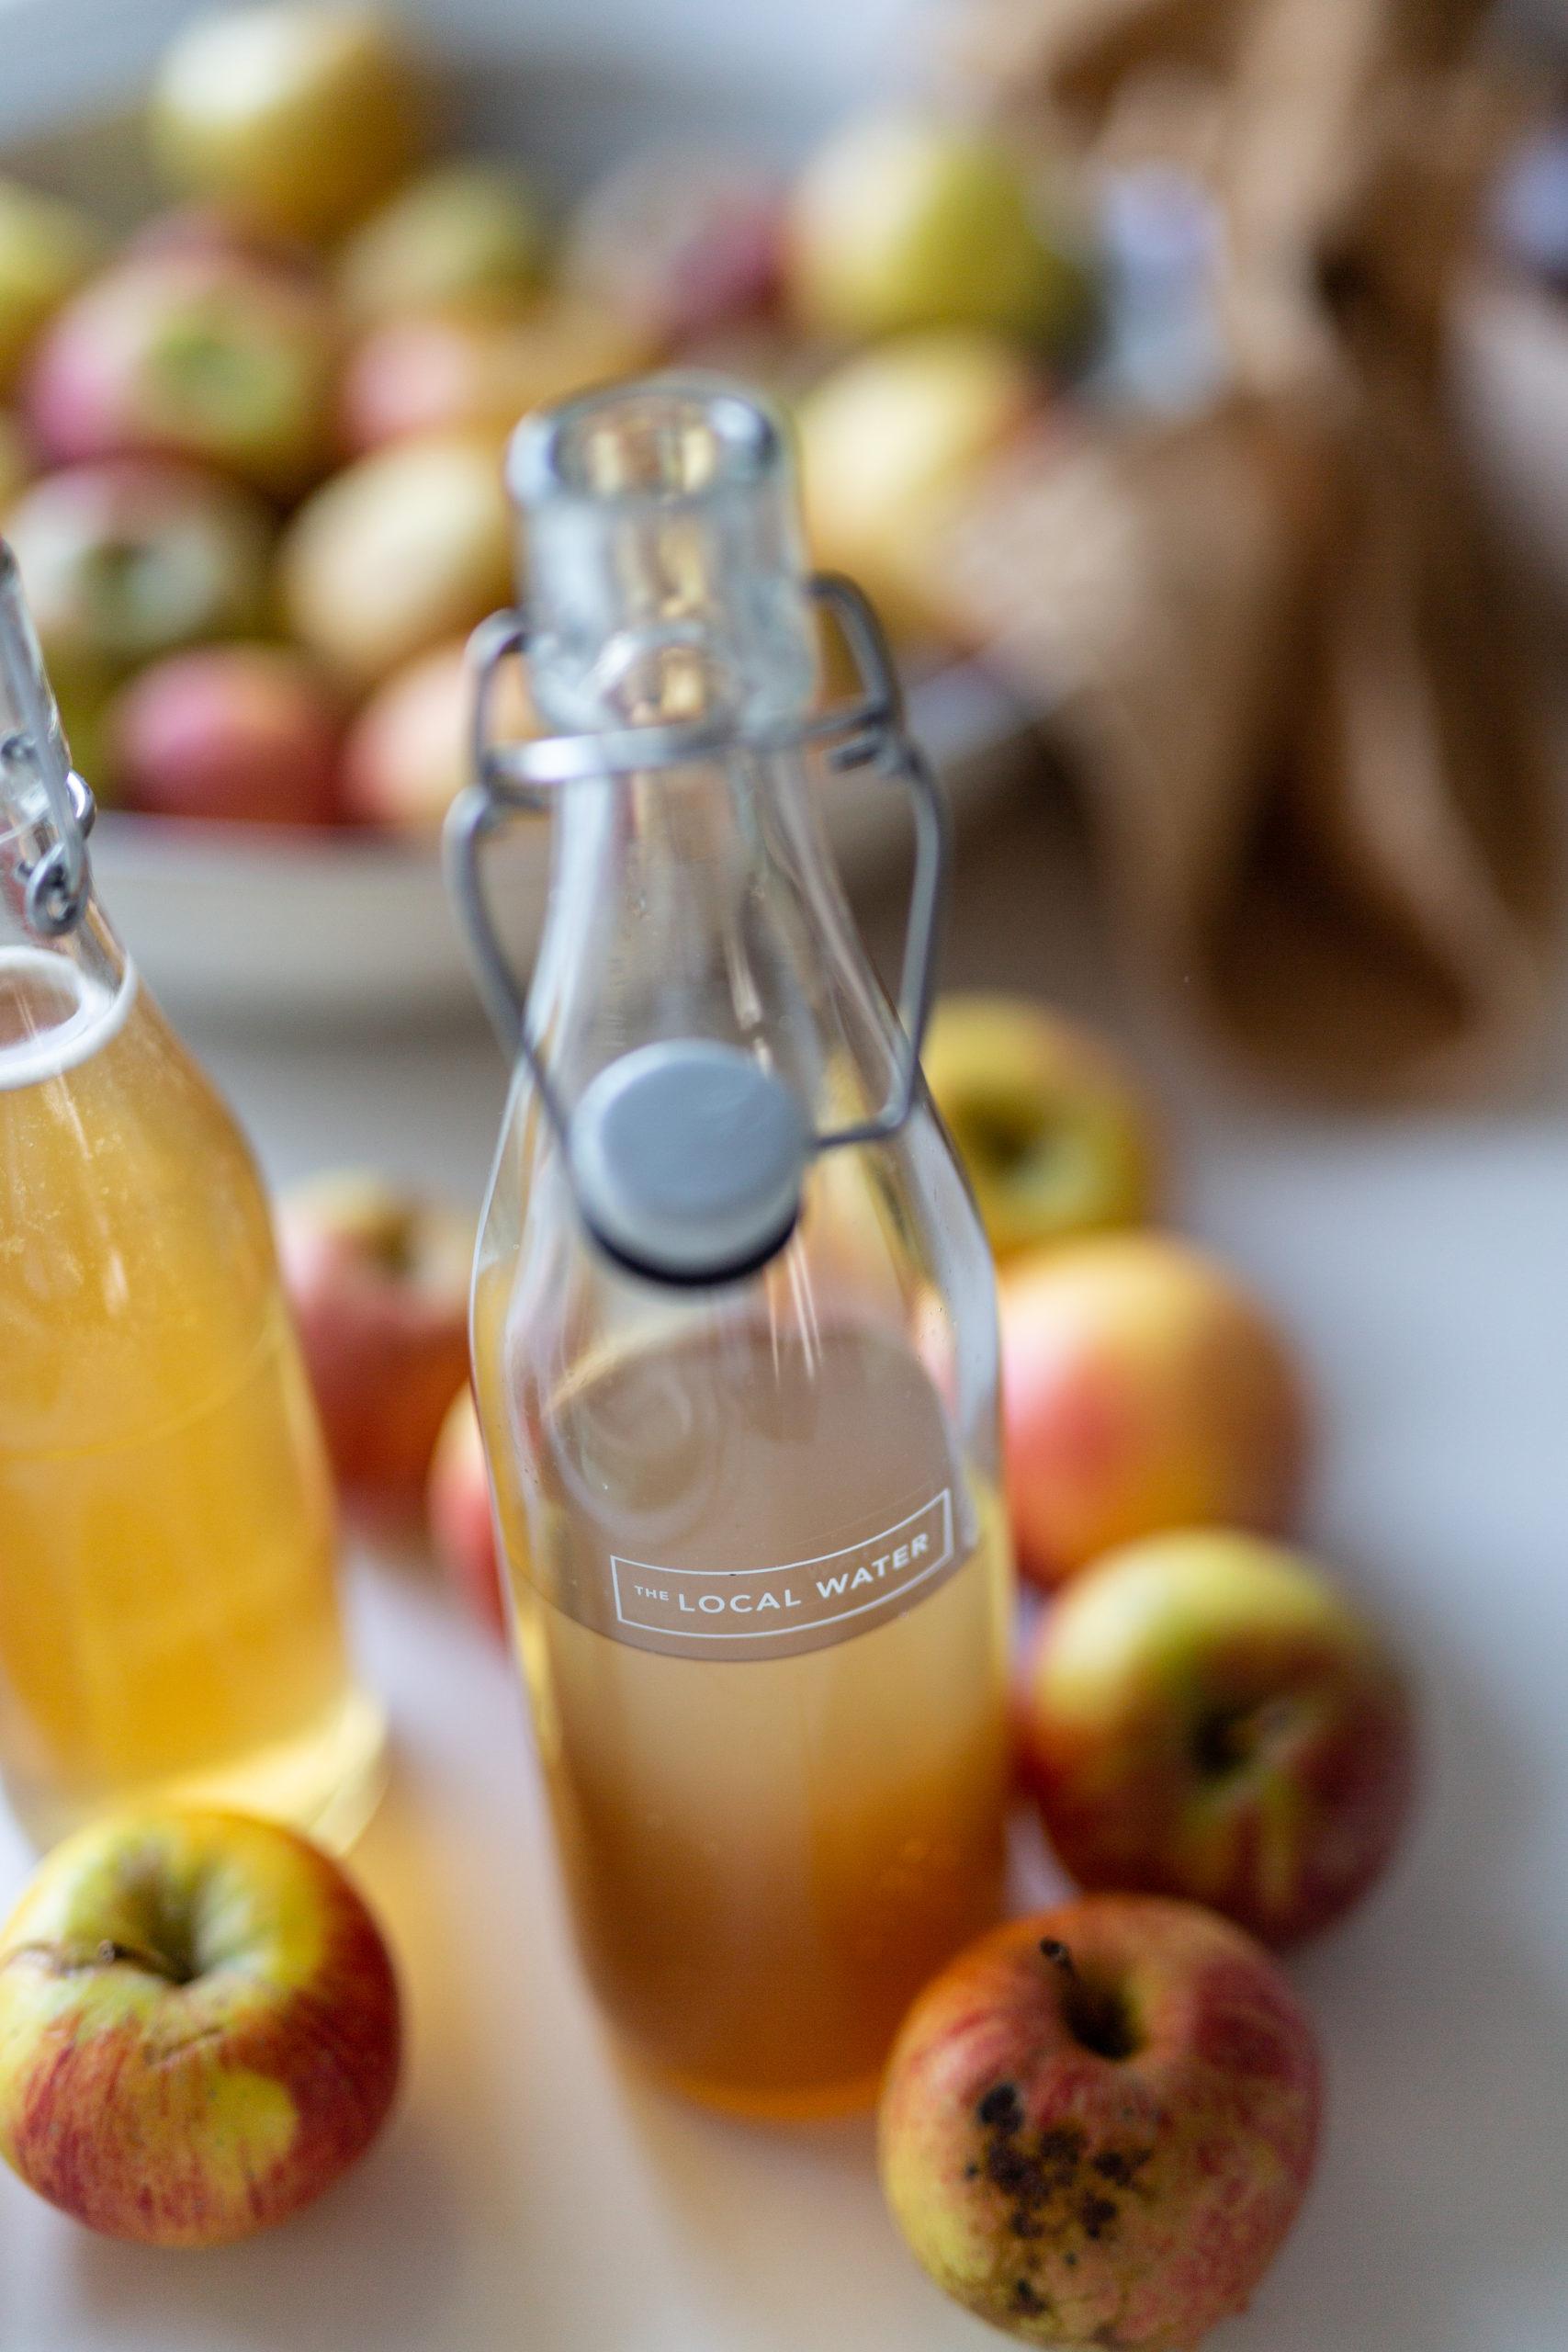 Leitungswasser mit dem The Local Water Filter | Gesunde vegane Rezepte, Fermentation, Nachhaltigkeit - Syl Gervais